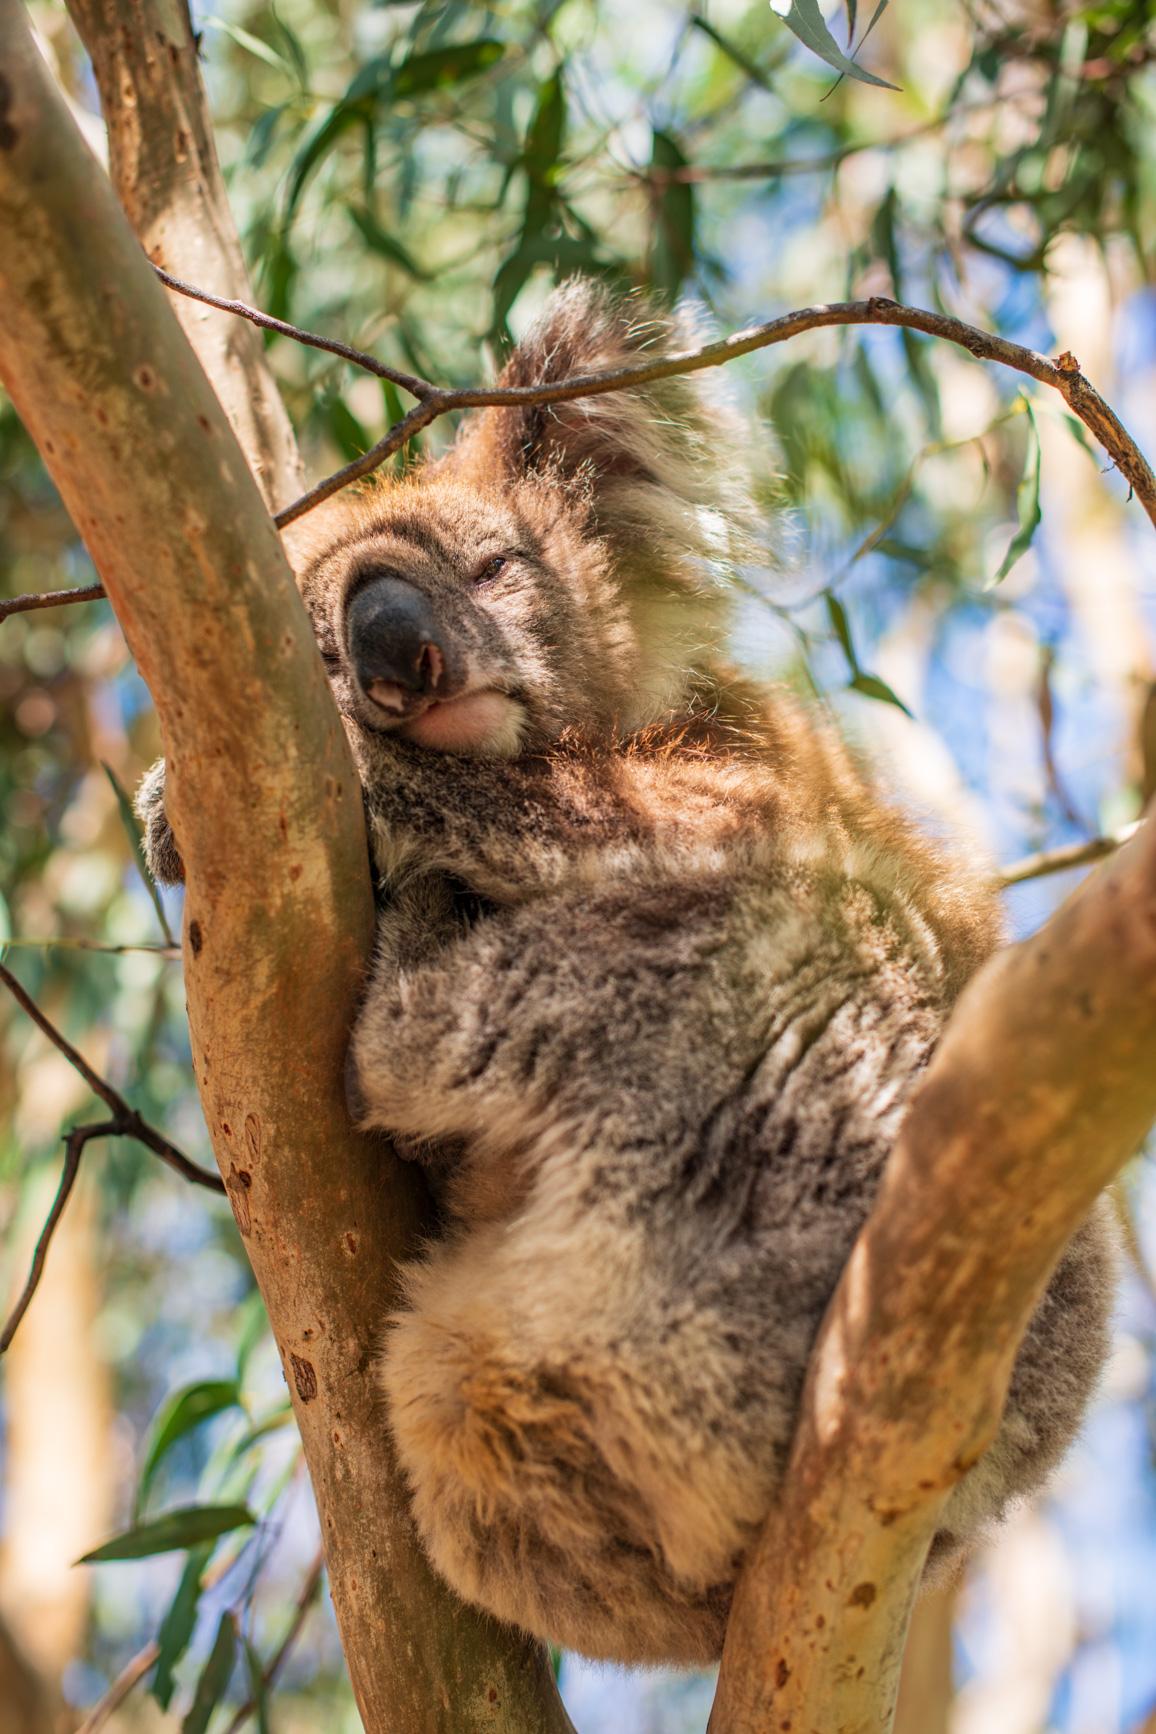 https://bubo.sk/uploads/galleries/7339/robert_taraba_koala2.jpg